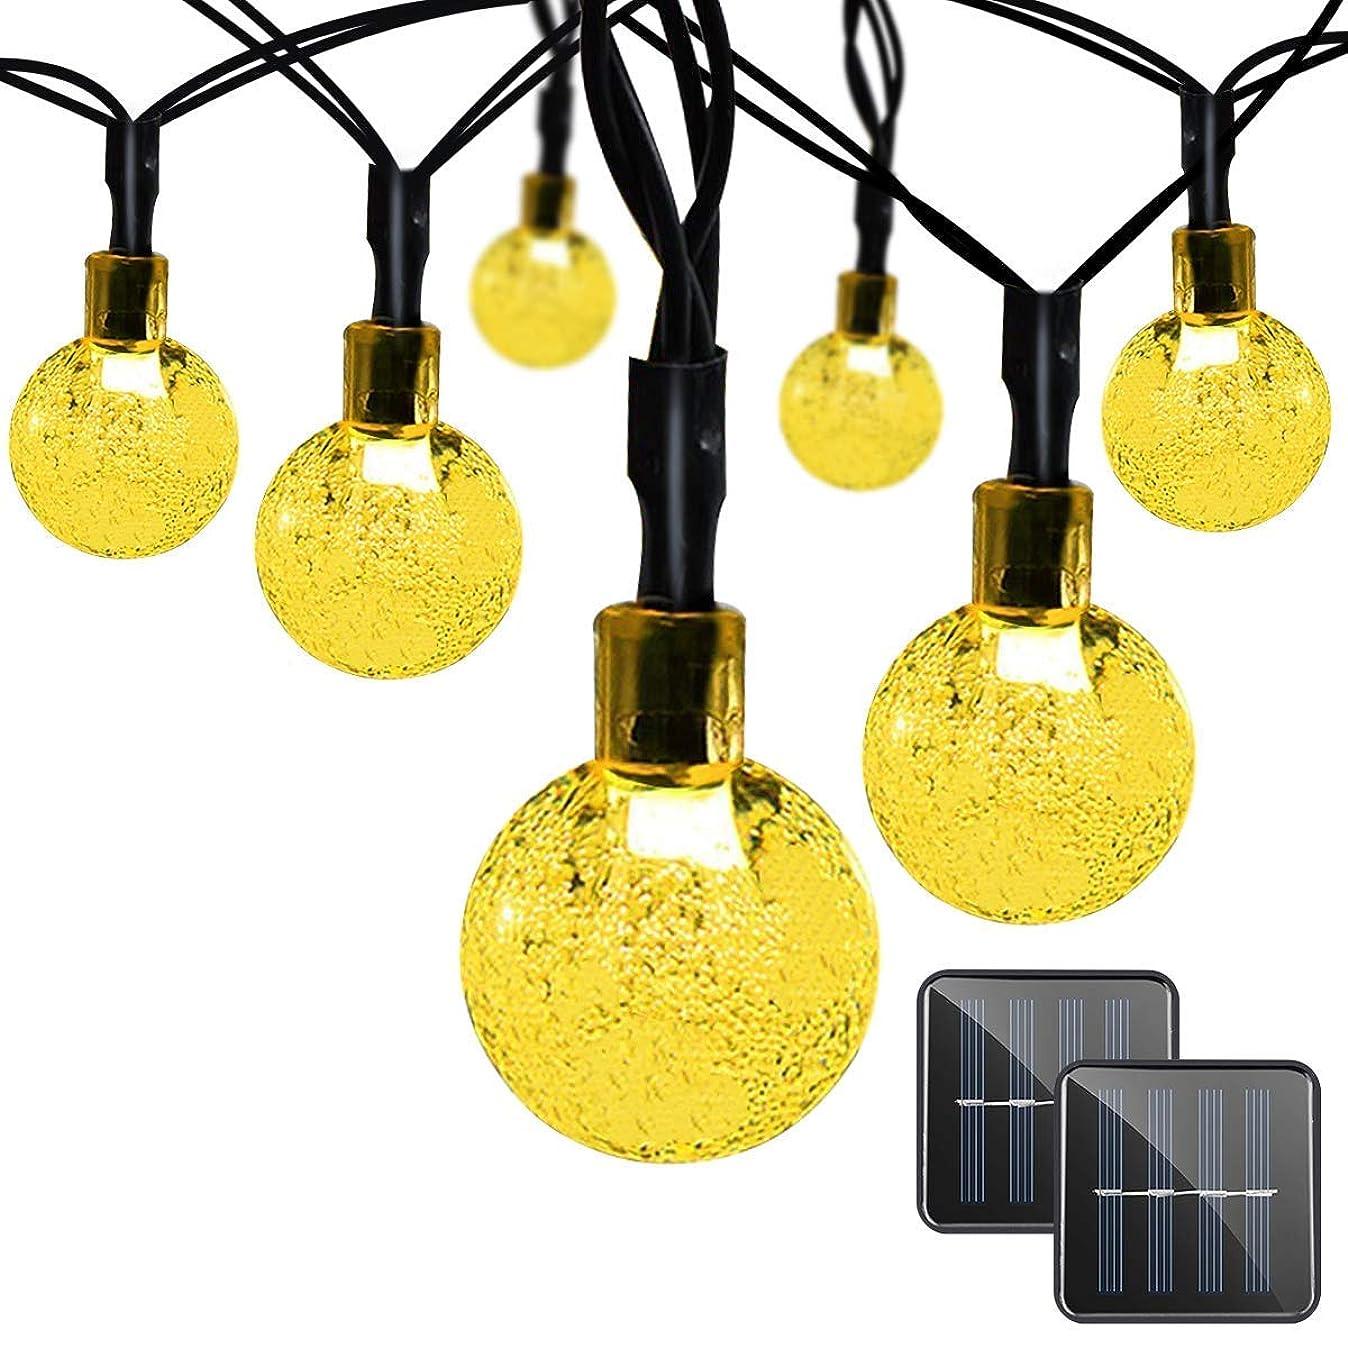 アルファベット順アルカトラズ島あえてPowMaxイルミネーションライト ソーラー装飾ライト30LED 全長6.5m 夜間自動点灯 屋外 防水 耐熱 クリスマス 新年 結婚式 ボール型